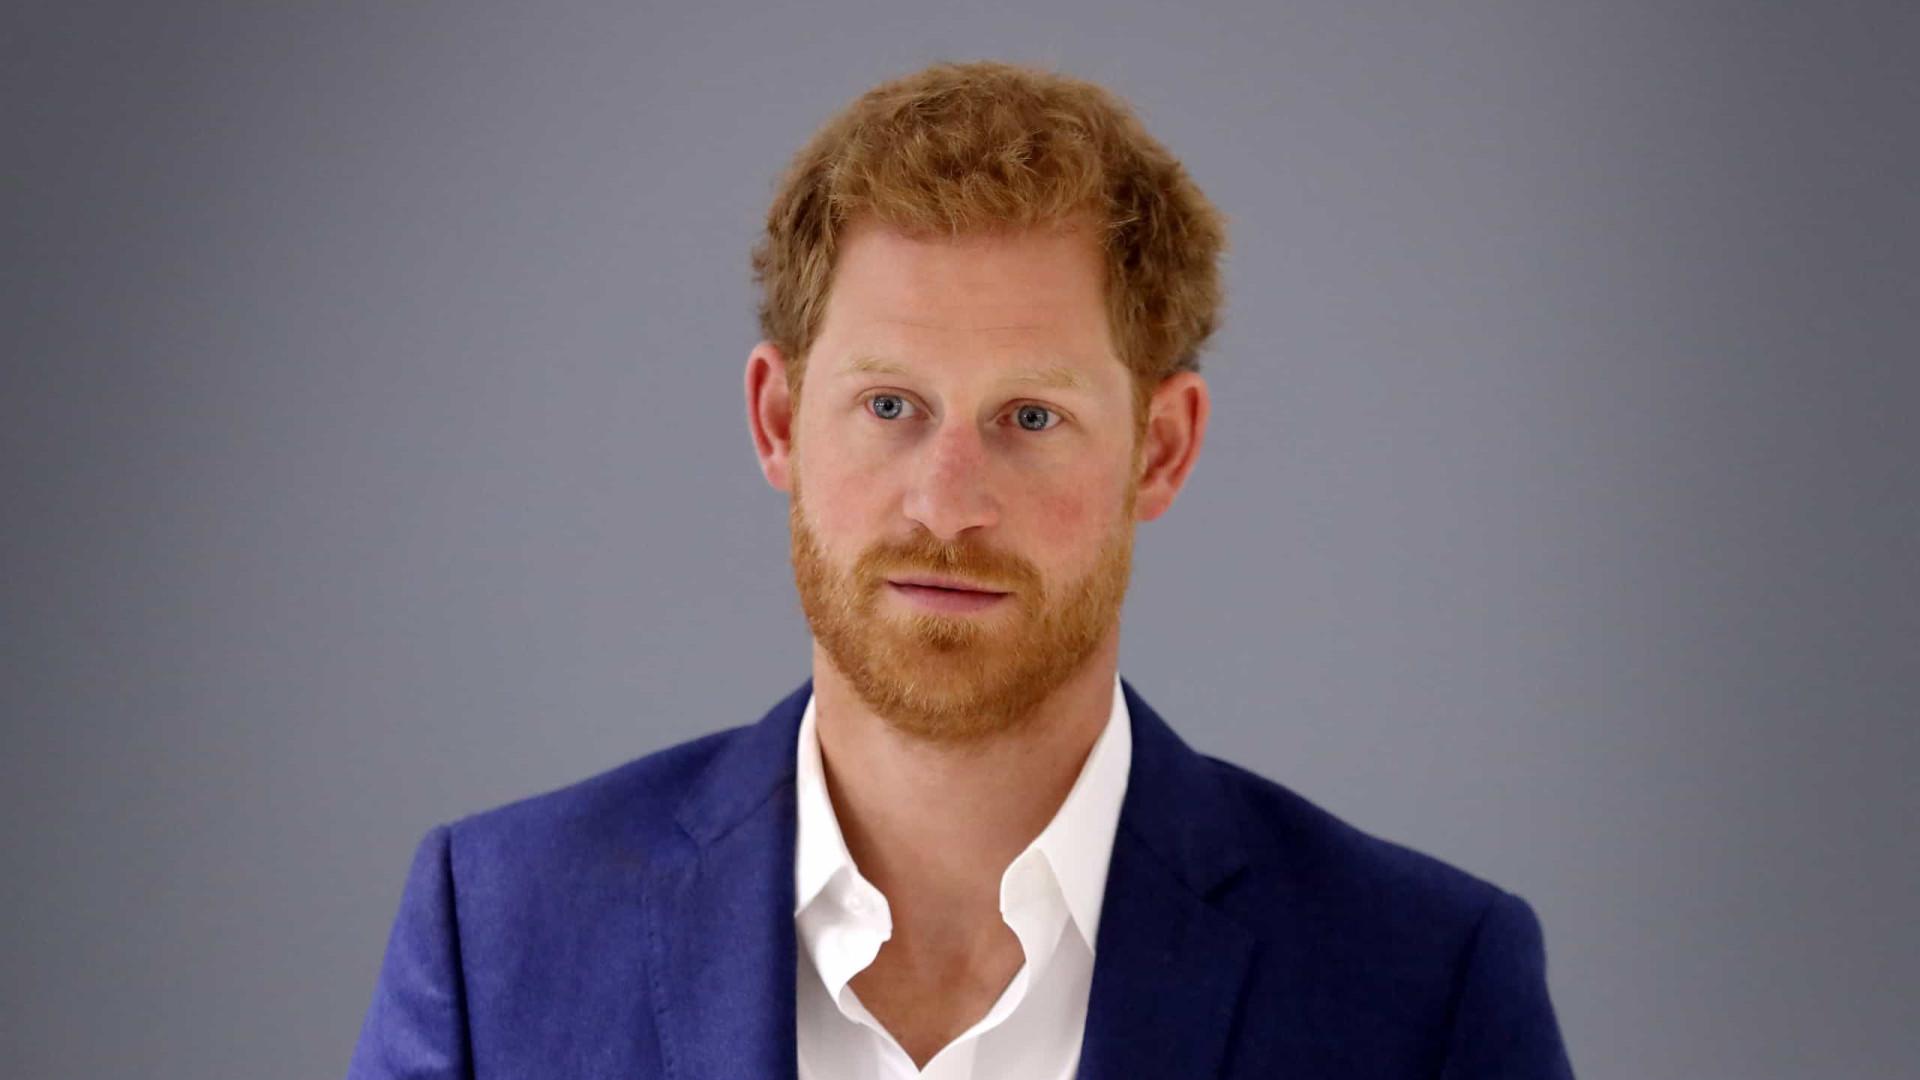 Príncipe Harry diz que crescer na família real foi como estar em um zoológico